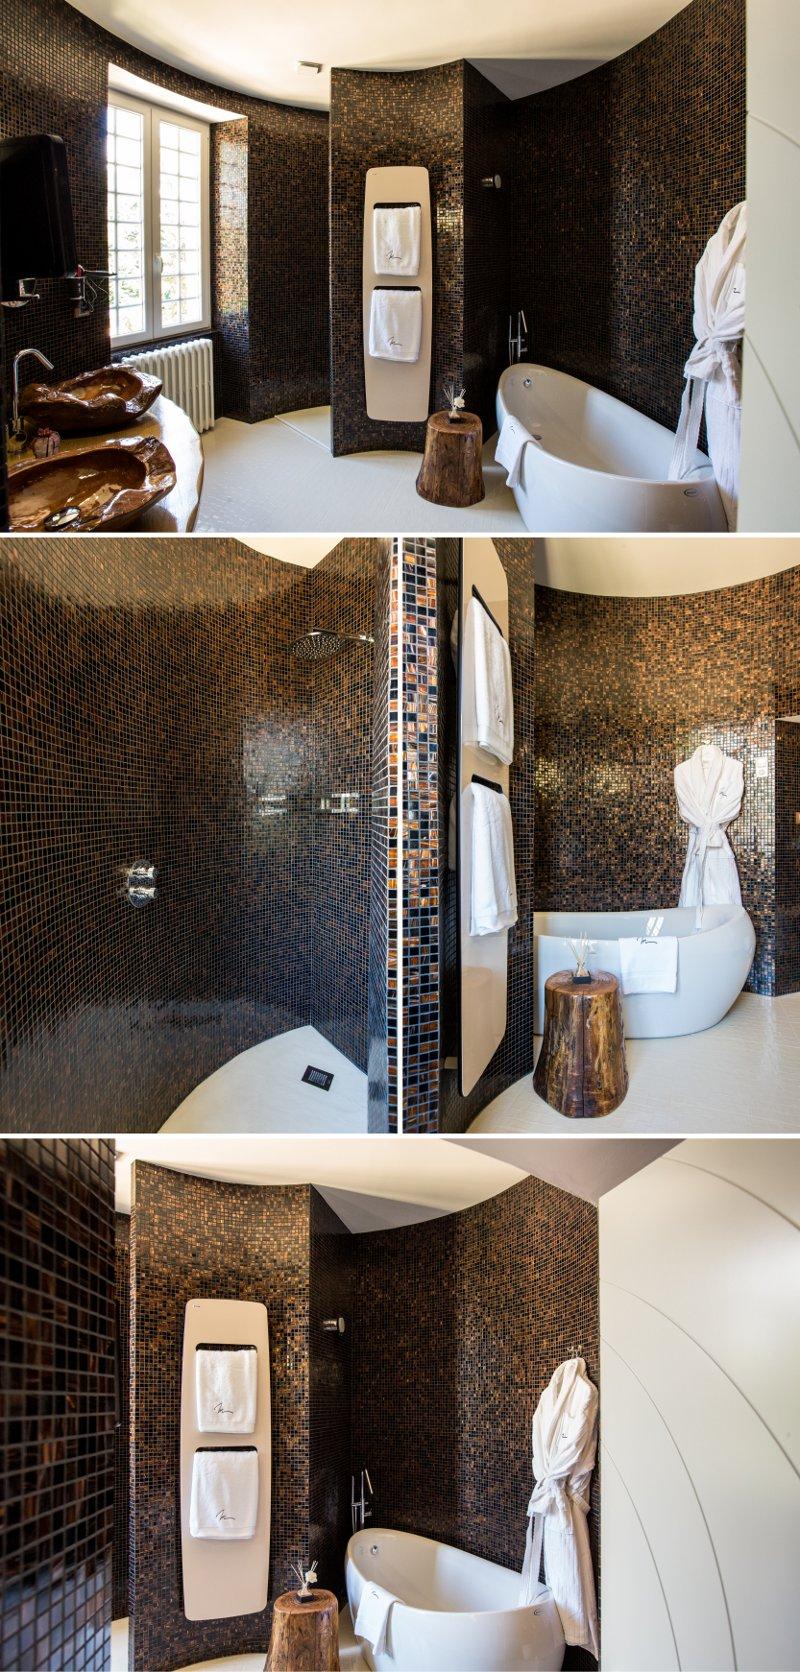 Décoration ethnique salle de bain